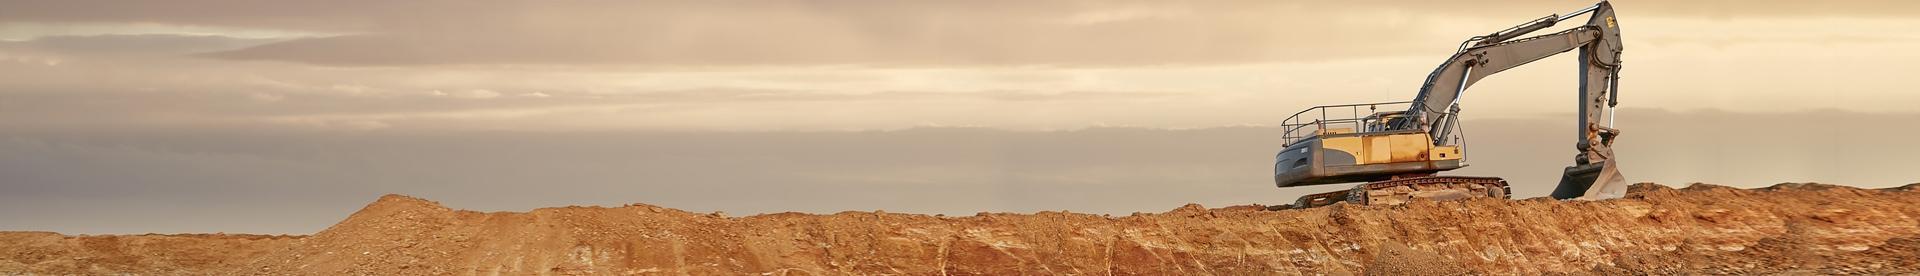 Koparka na wzgórzach Banner